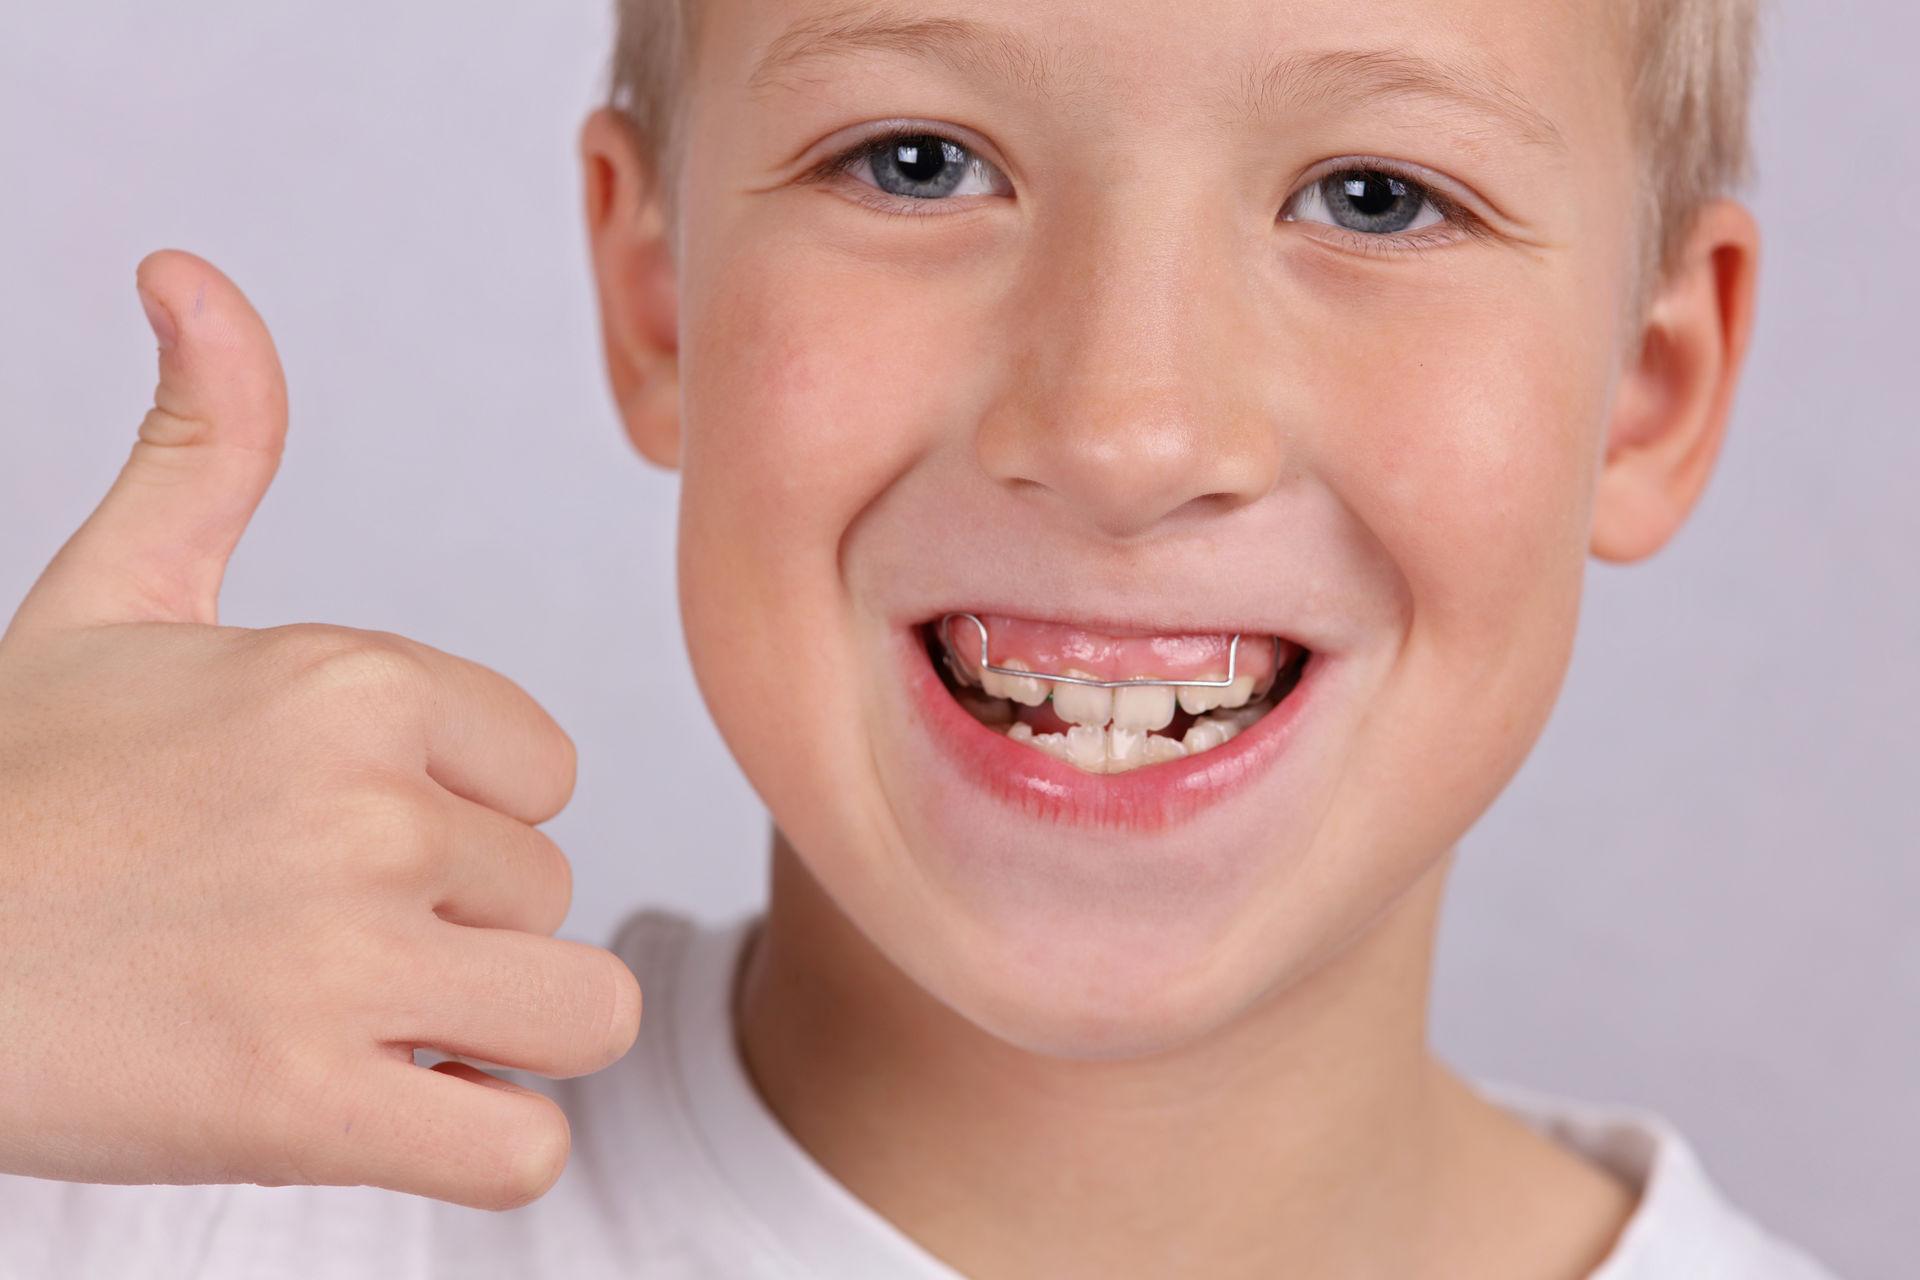 Хирургическая коррекция десневой улыбки - как исправить высокую десну